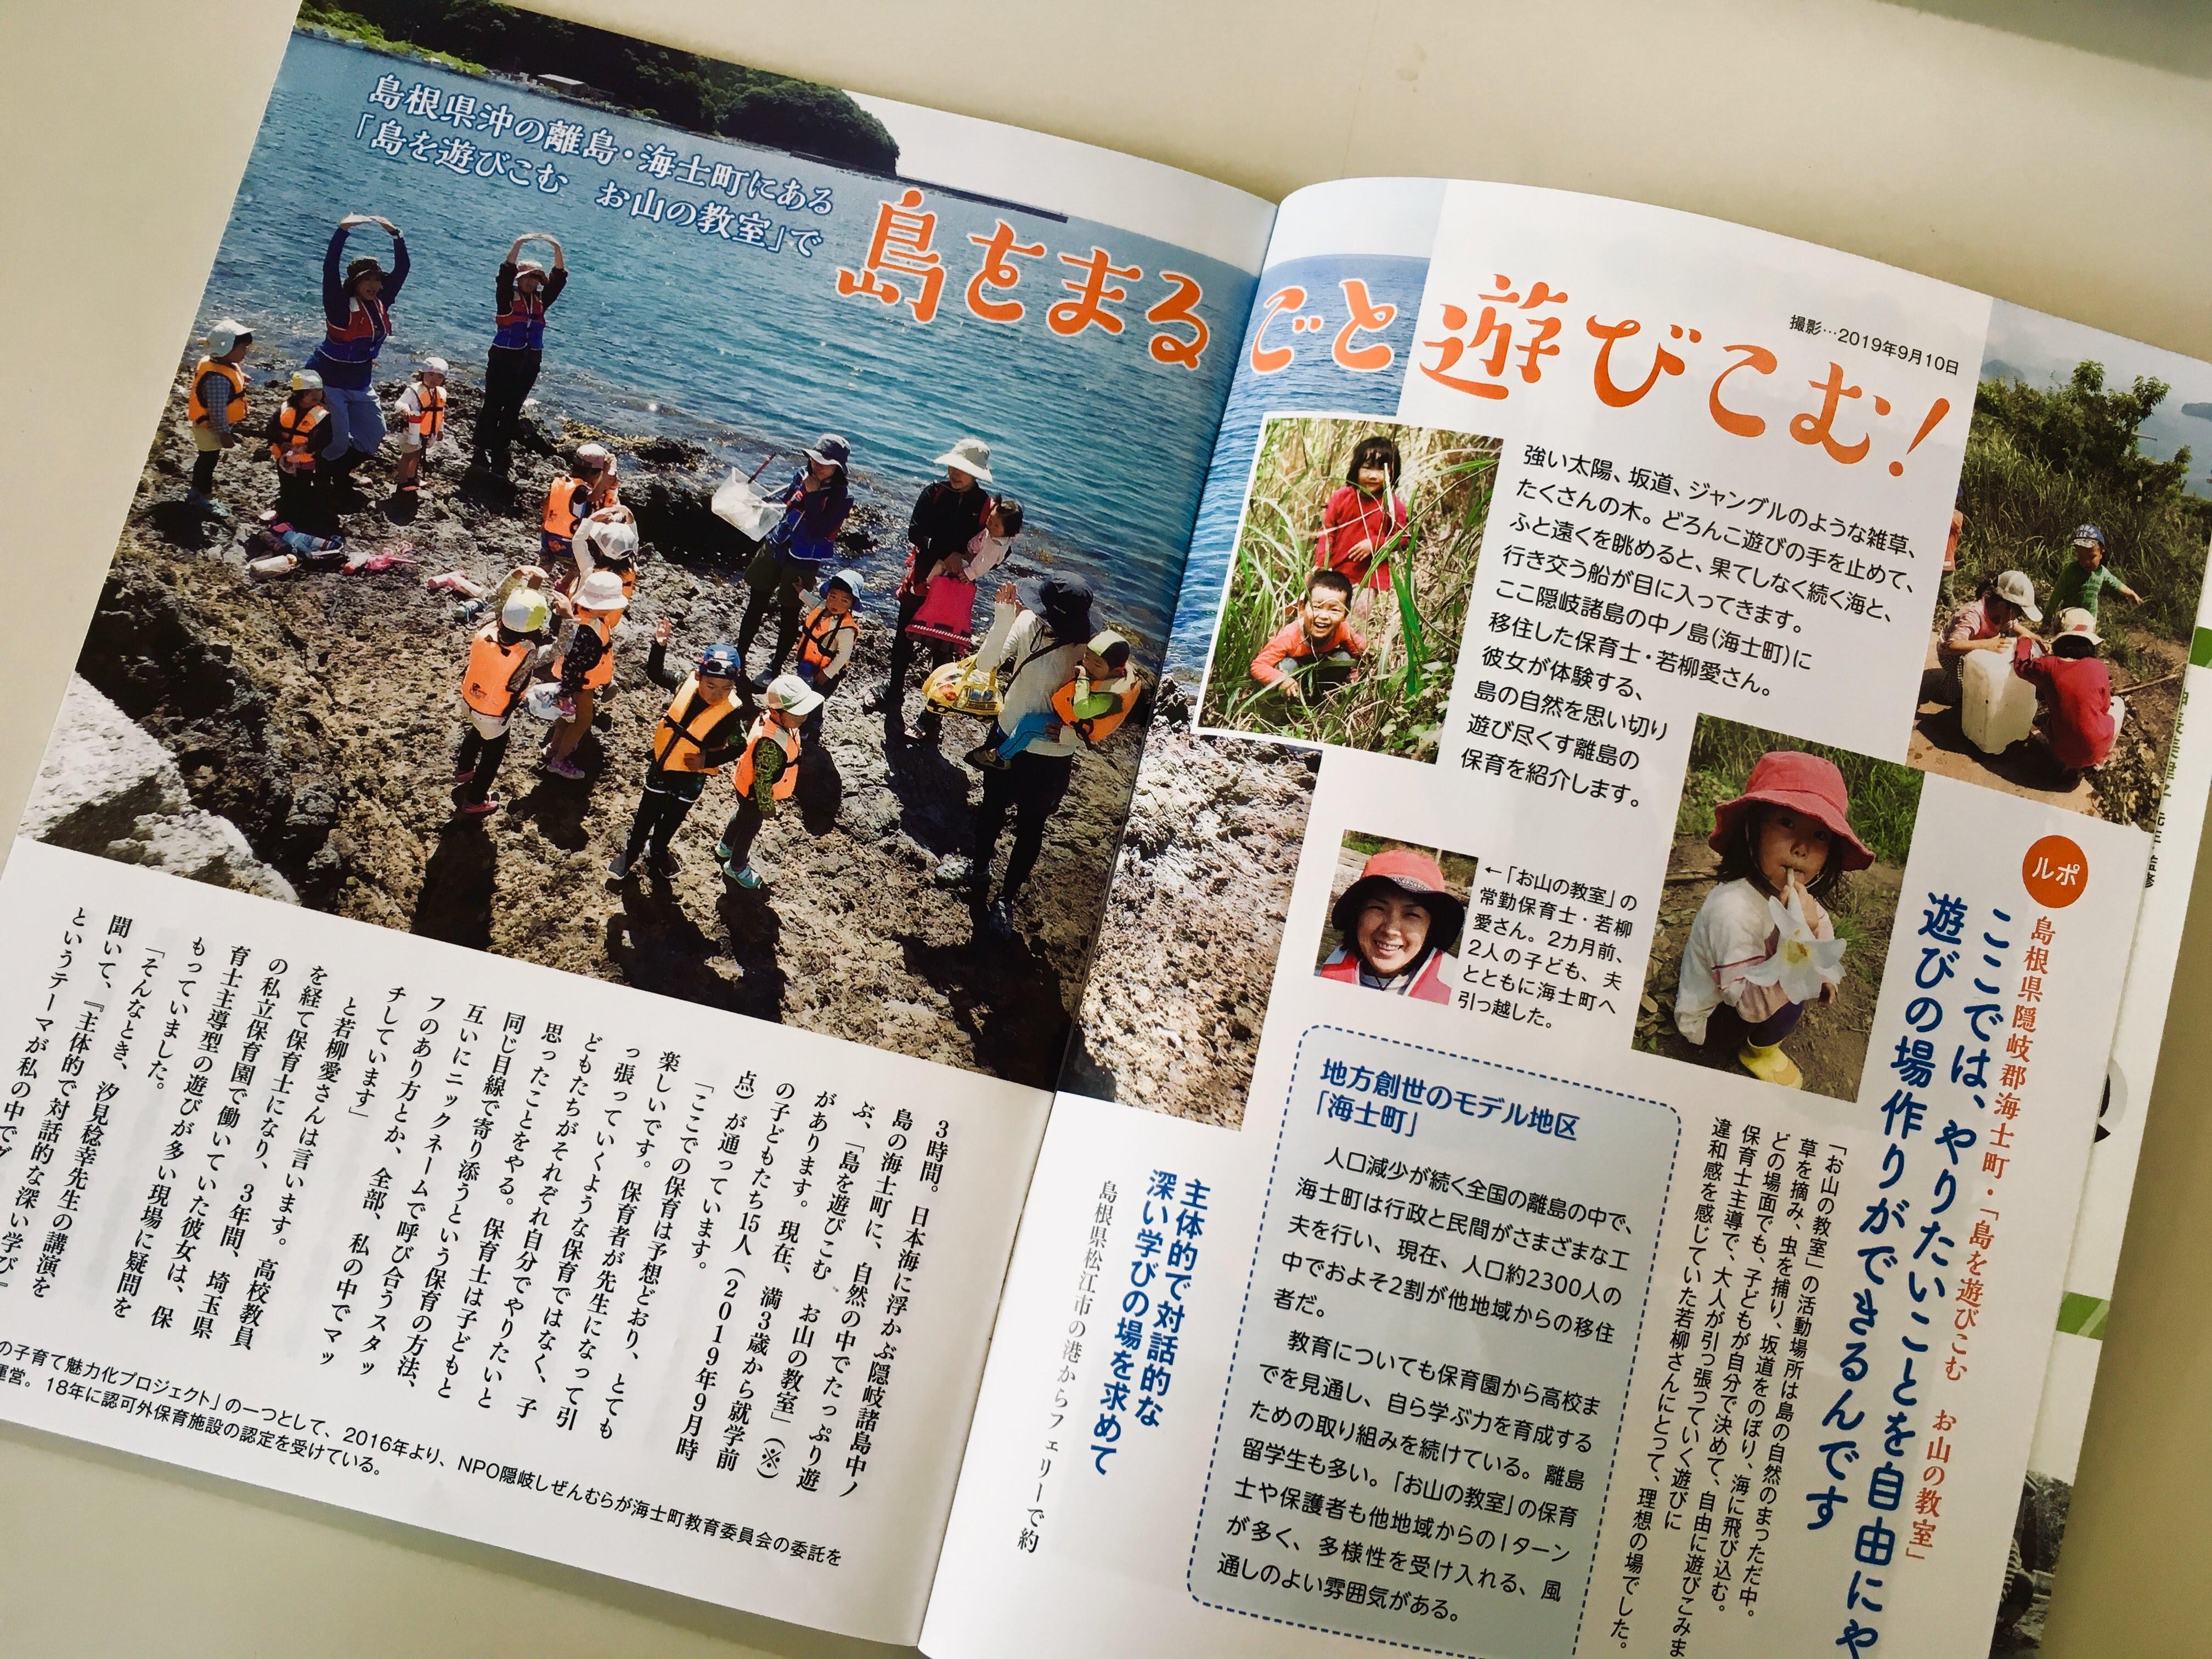 【メディア】保育士向け雑誌 エデュカーレ11月号 で取材記事が掲載されました